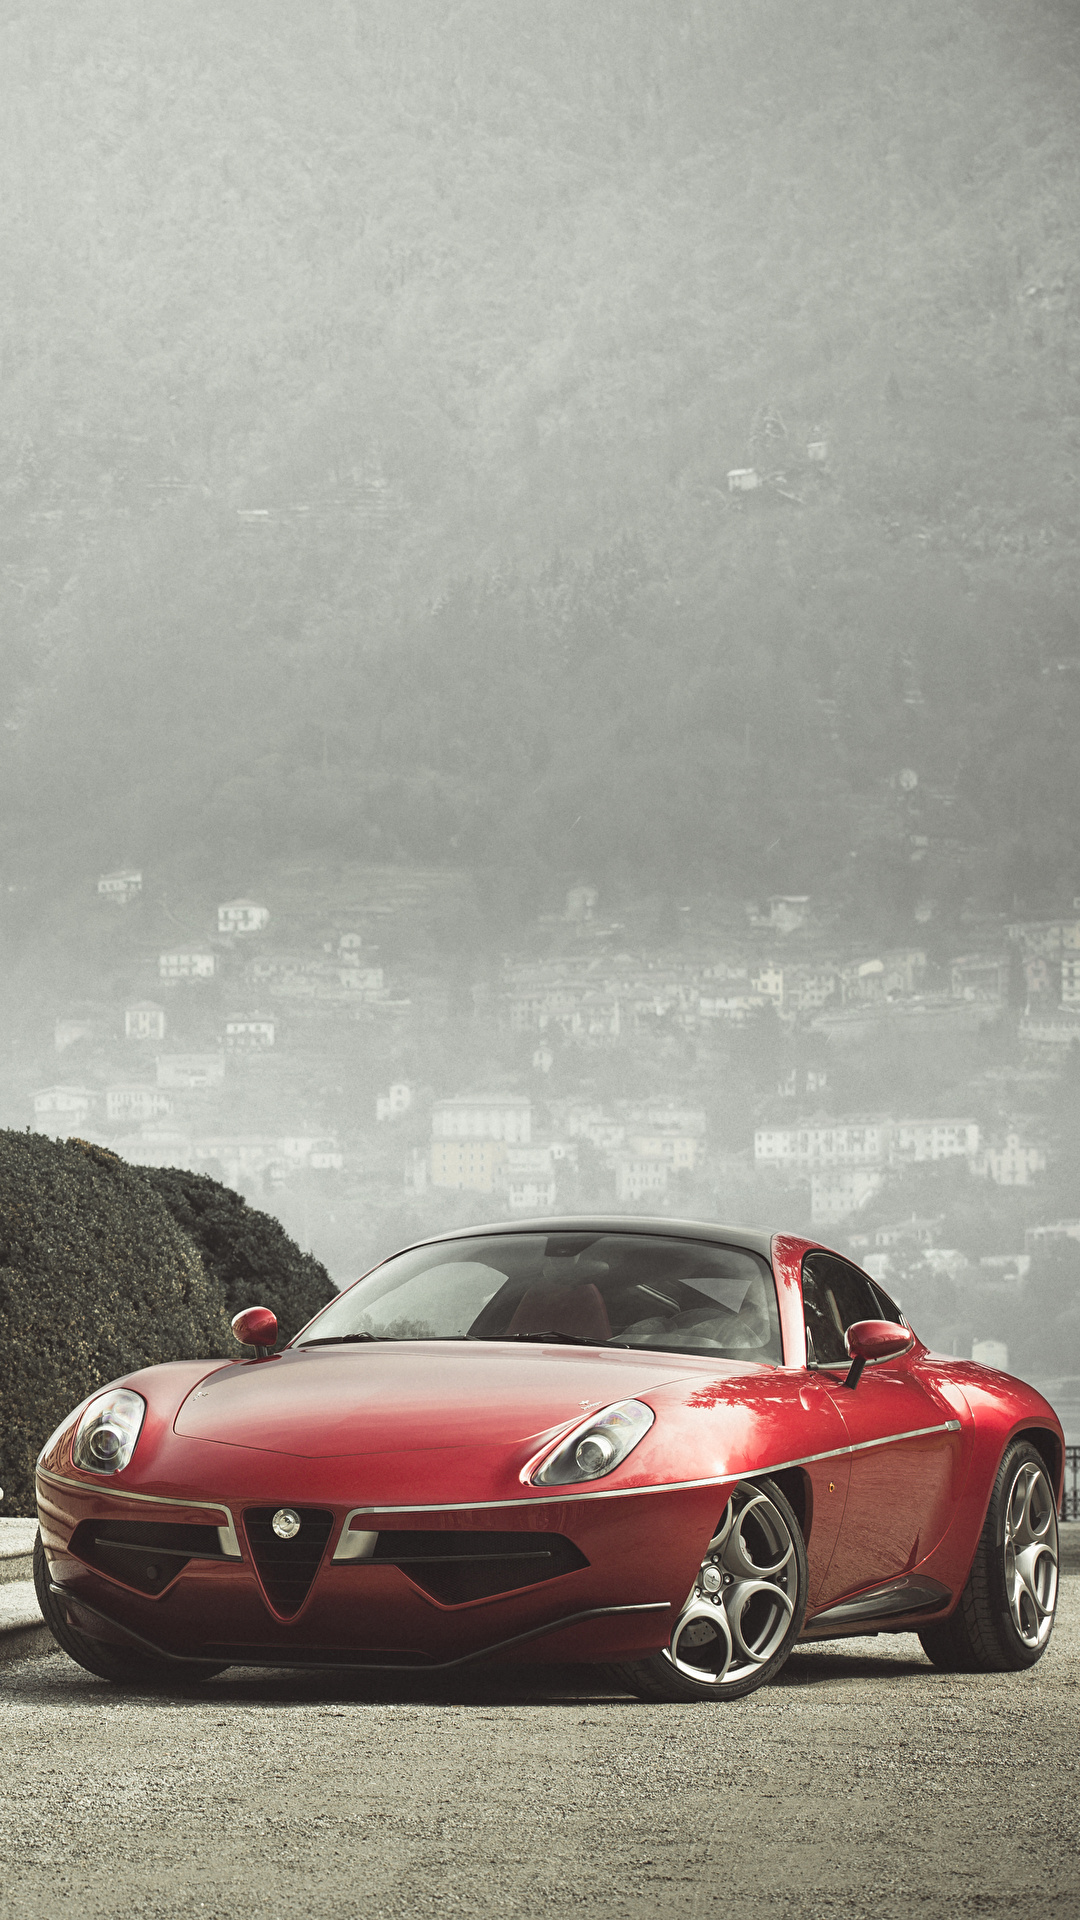 Фотография Альфа ромео 2013 Disco Volante Touring Красный Лестница авто Металлик 1080x1920 для мобильного телефона Alfa Romeo красных красные красная лестницы машина машины автомобиль Автомобили